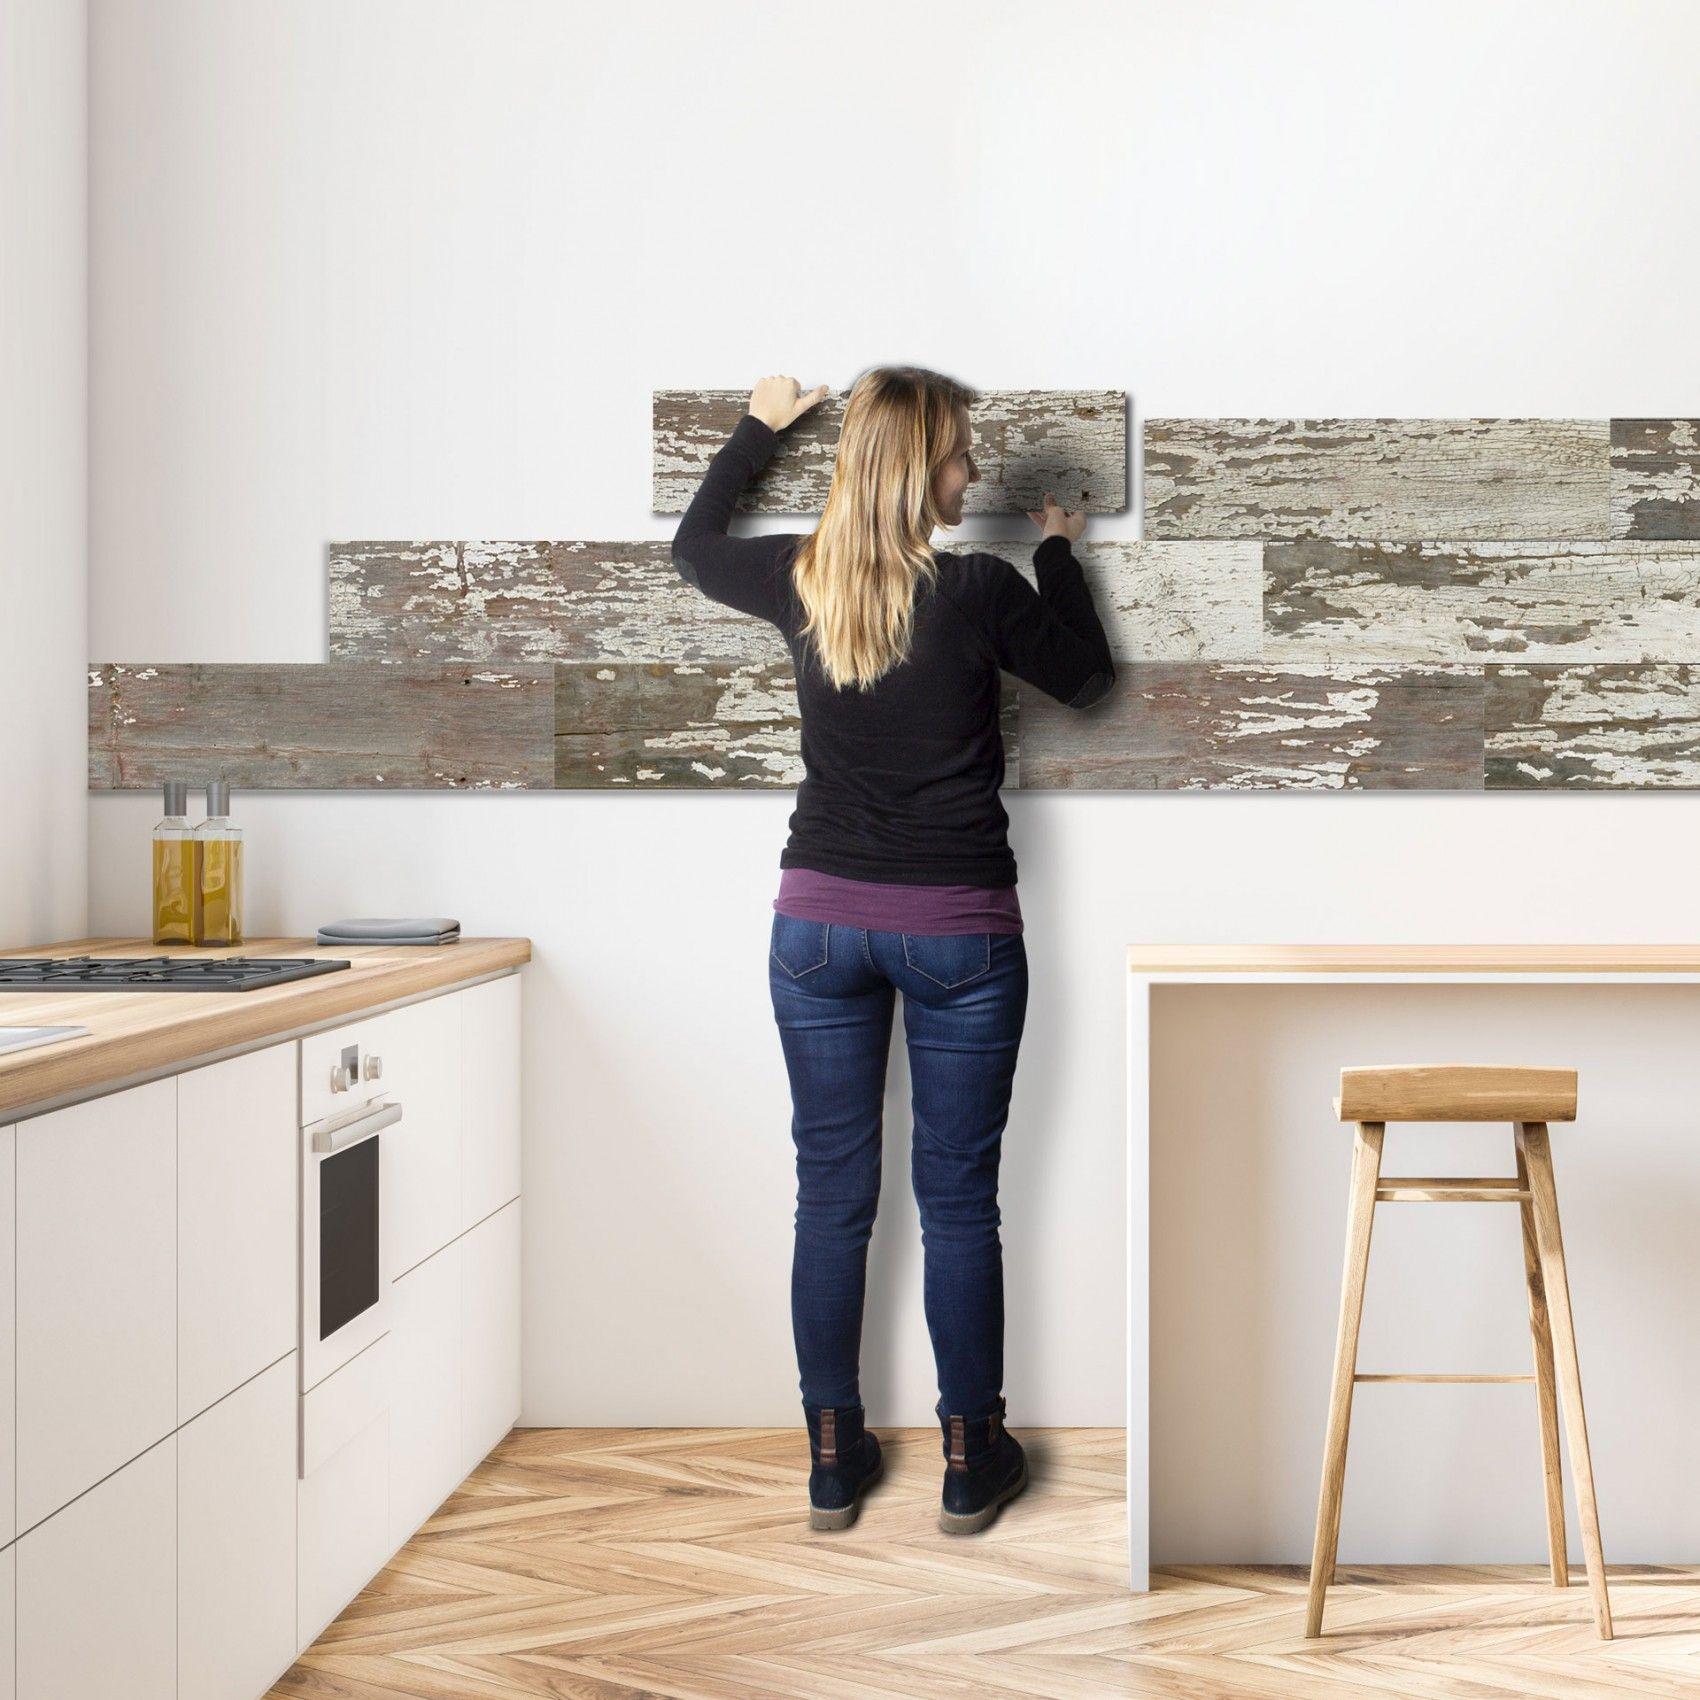 Stick It Wandverkleidung Zum Kleben White 42 In 2020 Wandverkleidung Wandverkleidung Holz Und Wandverkleidung Kuche